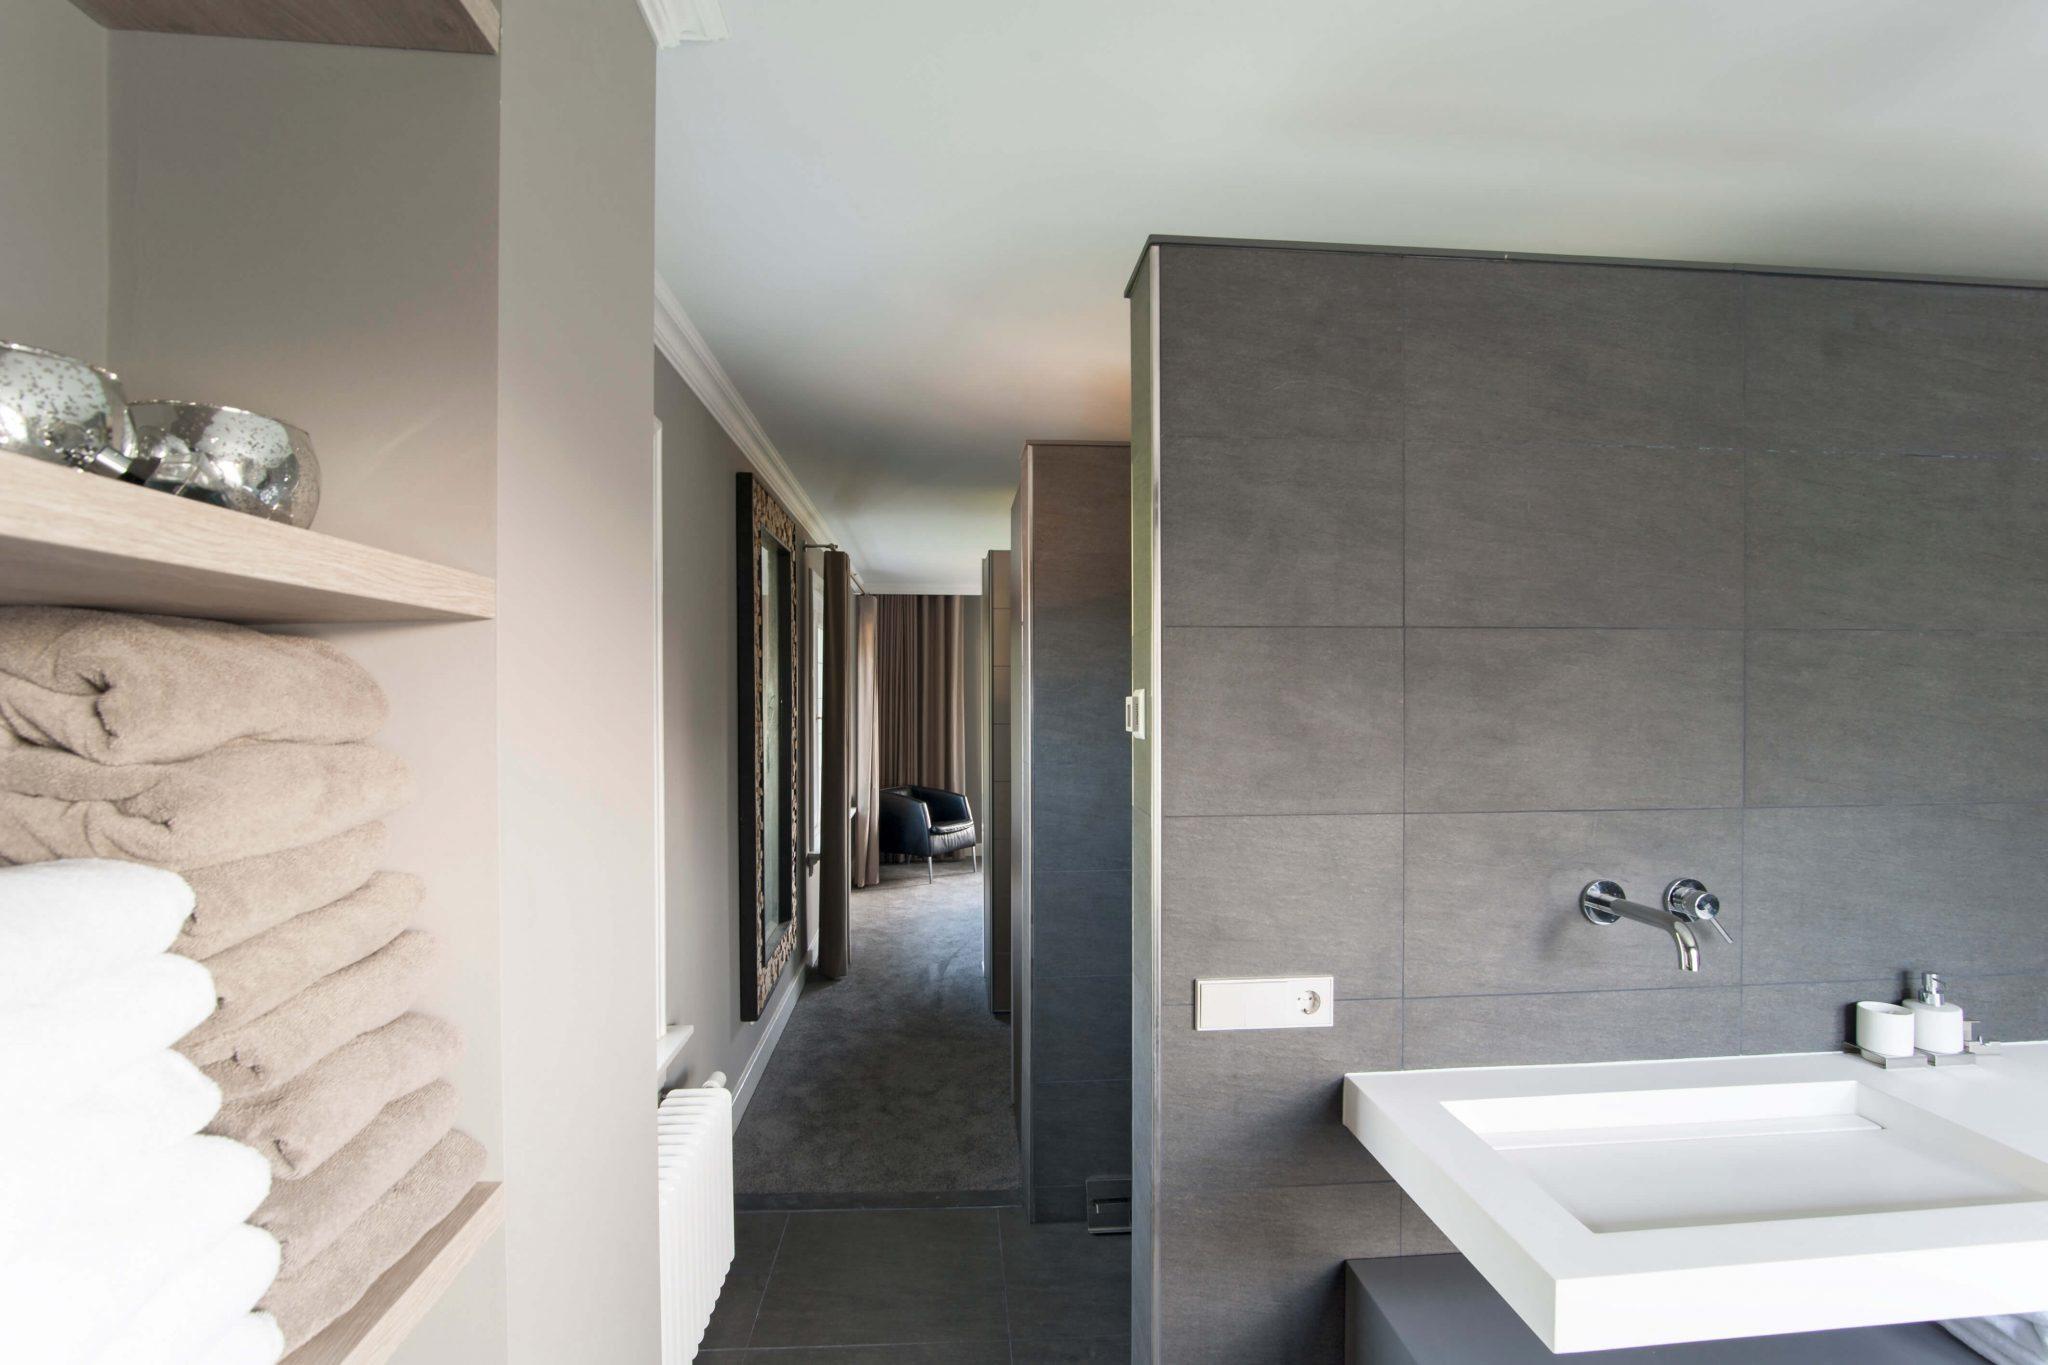 Complete badkamer inclusief montage | Badmeesters